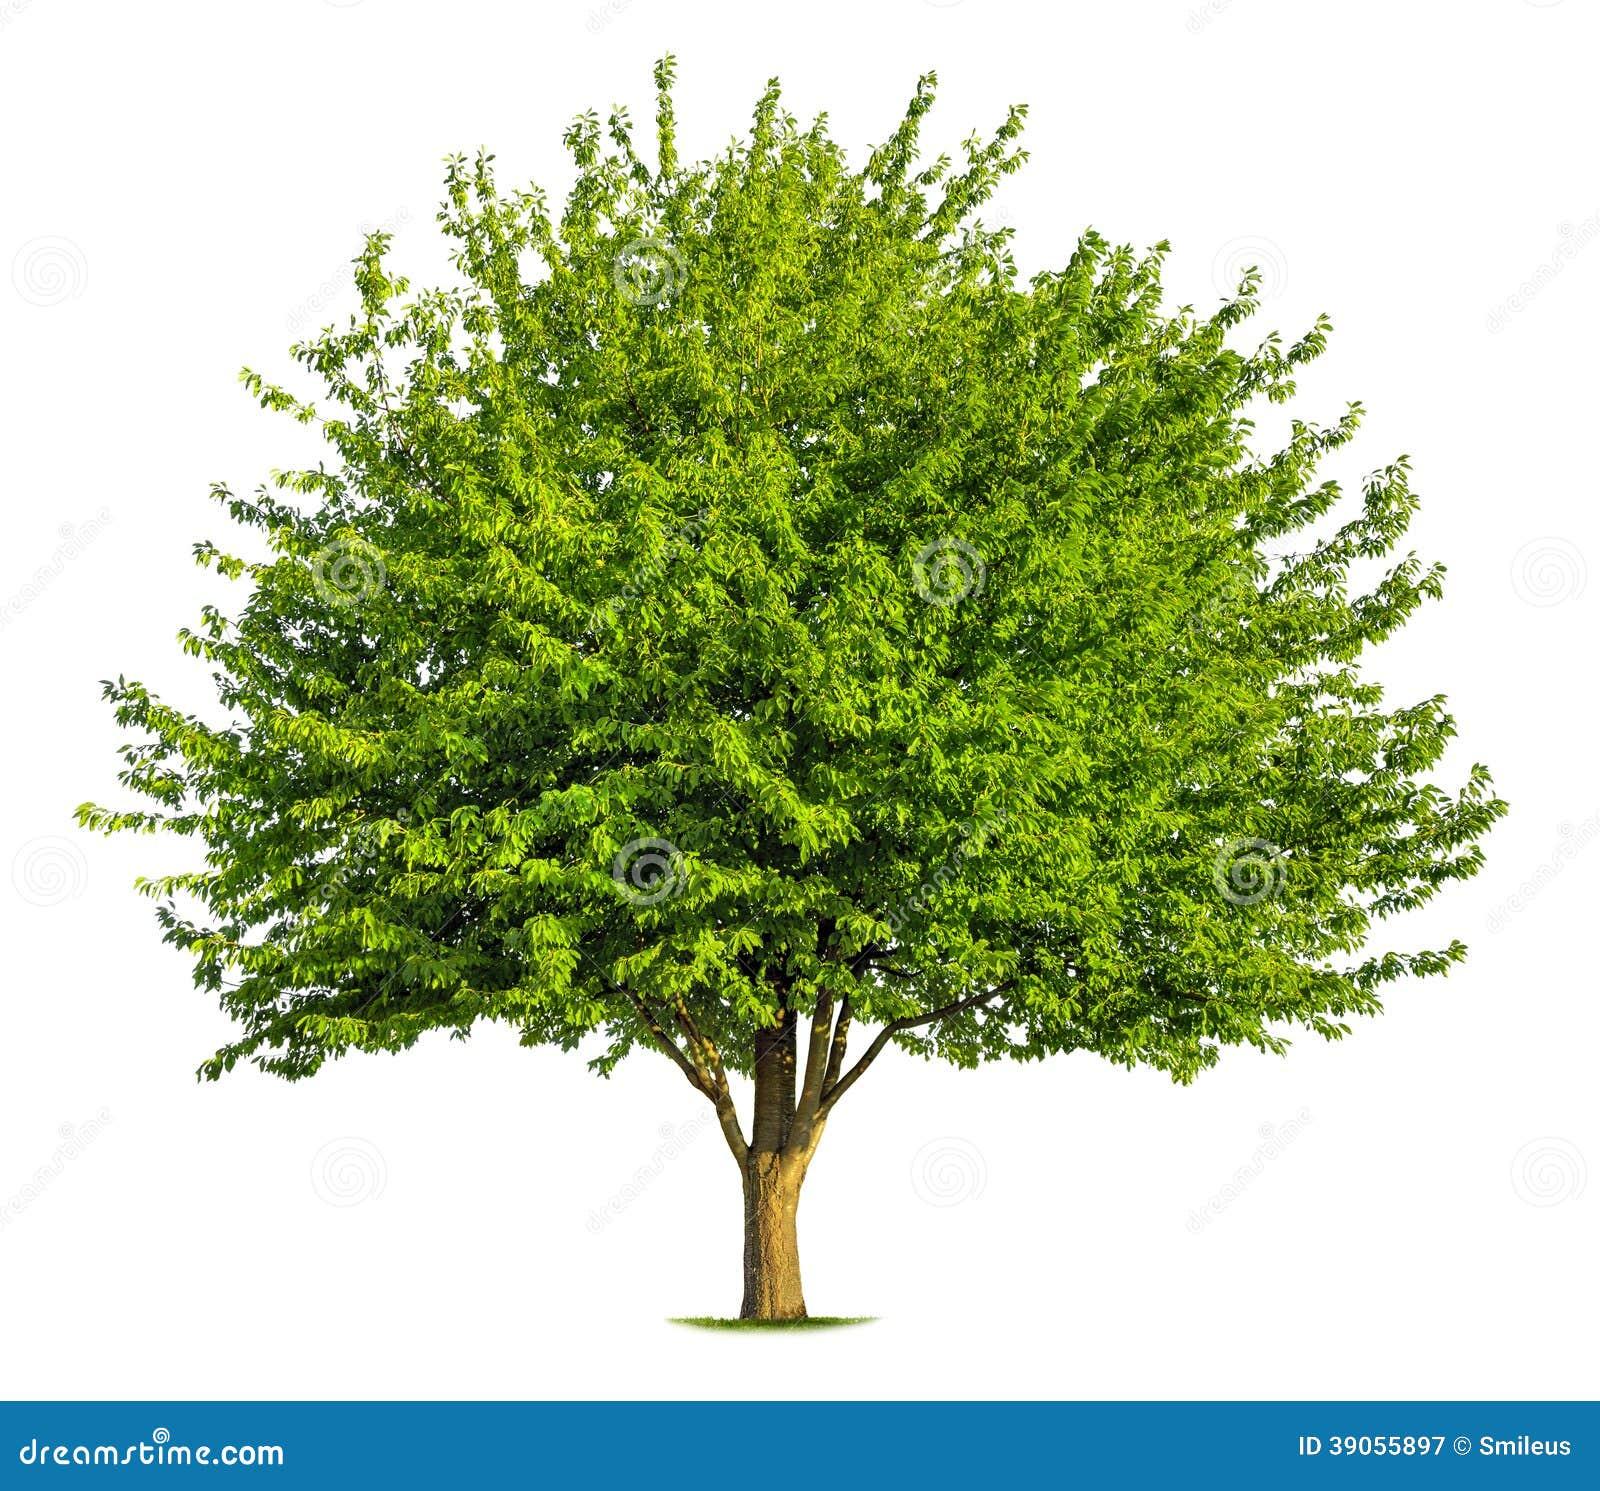 arbre feuilles caduques gentil sur le blanc image stock image du grand sain 39055897. Black Bedroom Furniture Sets. Home Design Ideas